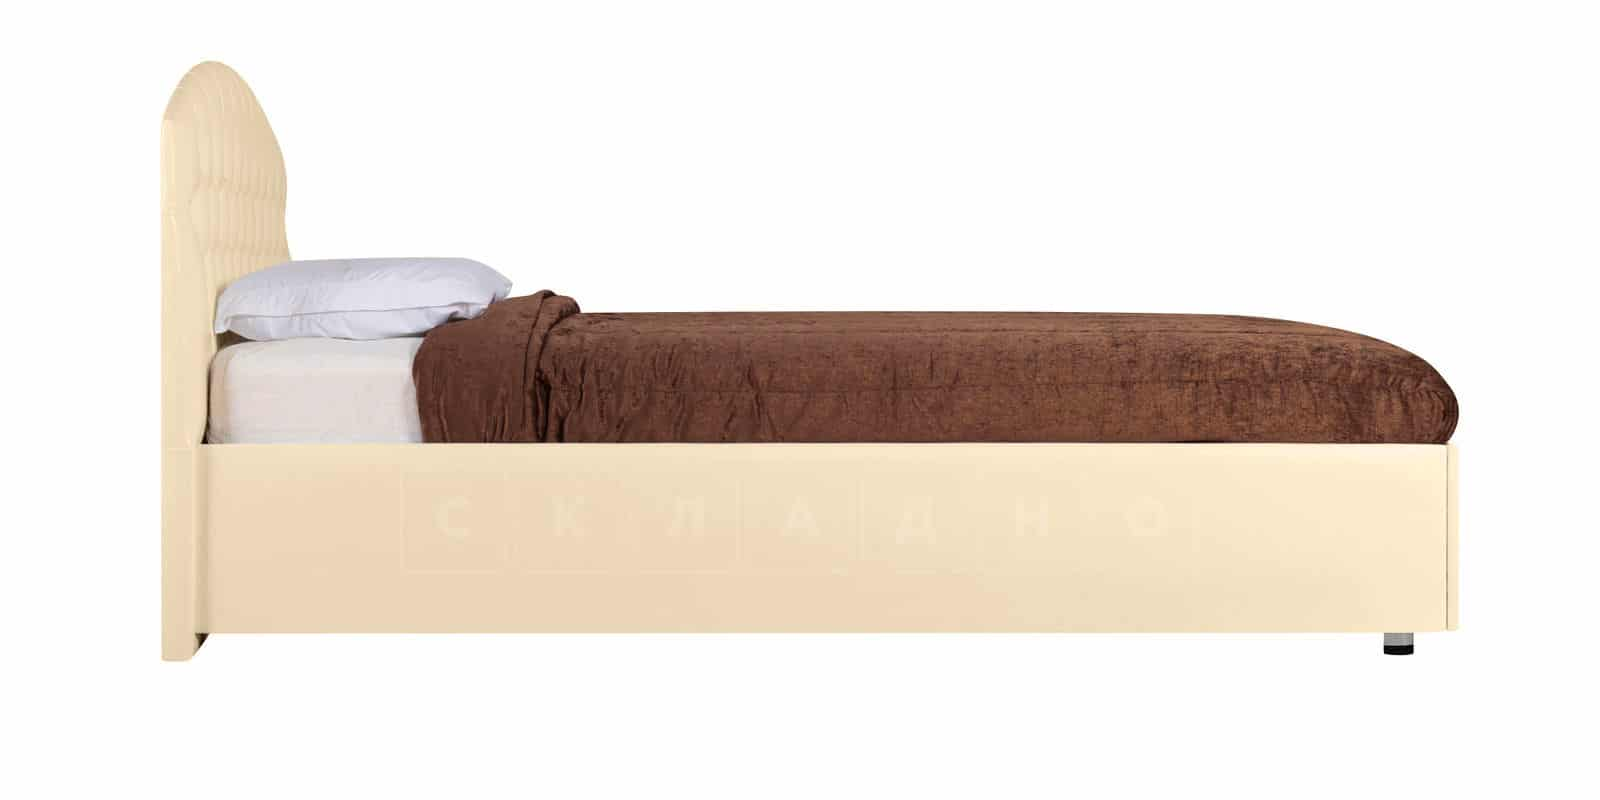 Мягкая кровать Малибу 160см экокожа бежевого цвета вариант 1-2 фото 4 | интернет-магазин Складно